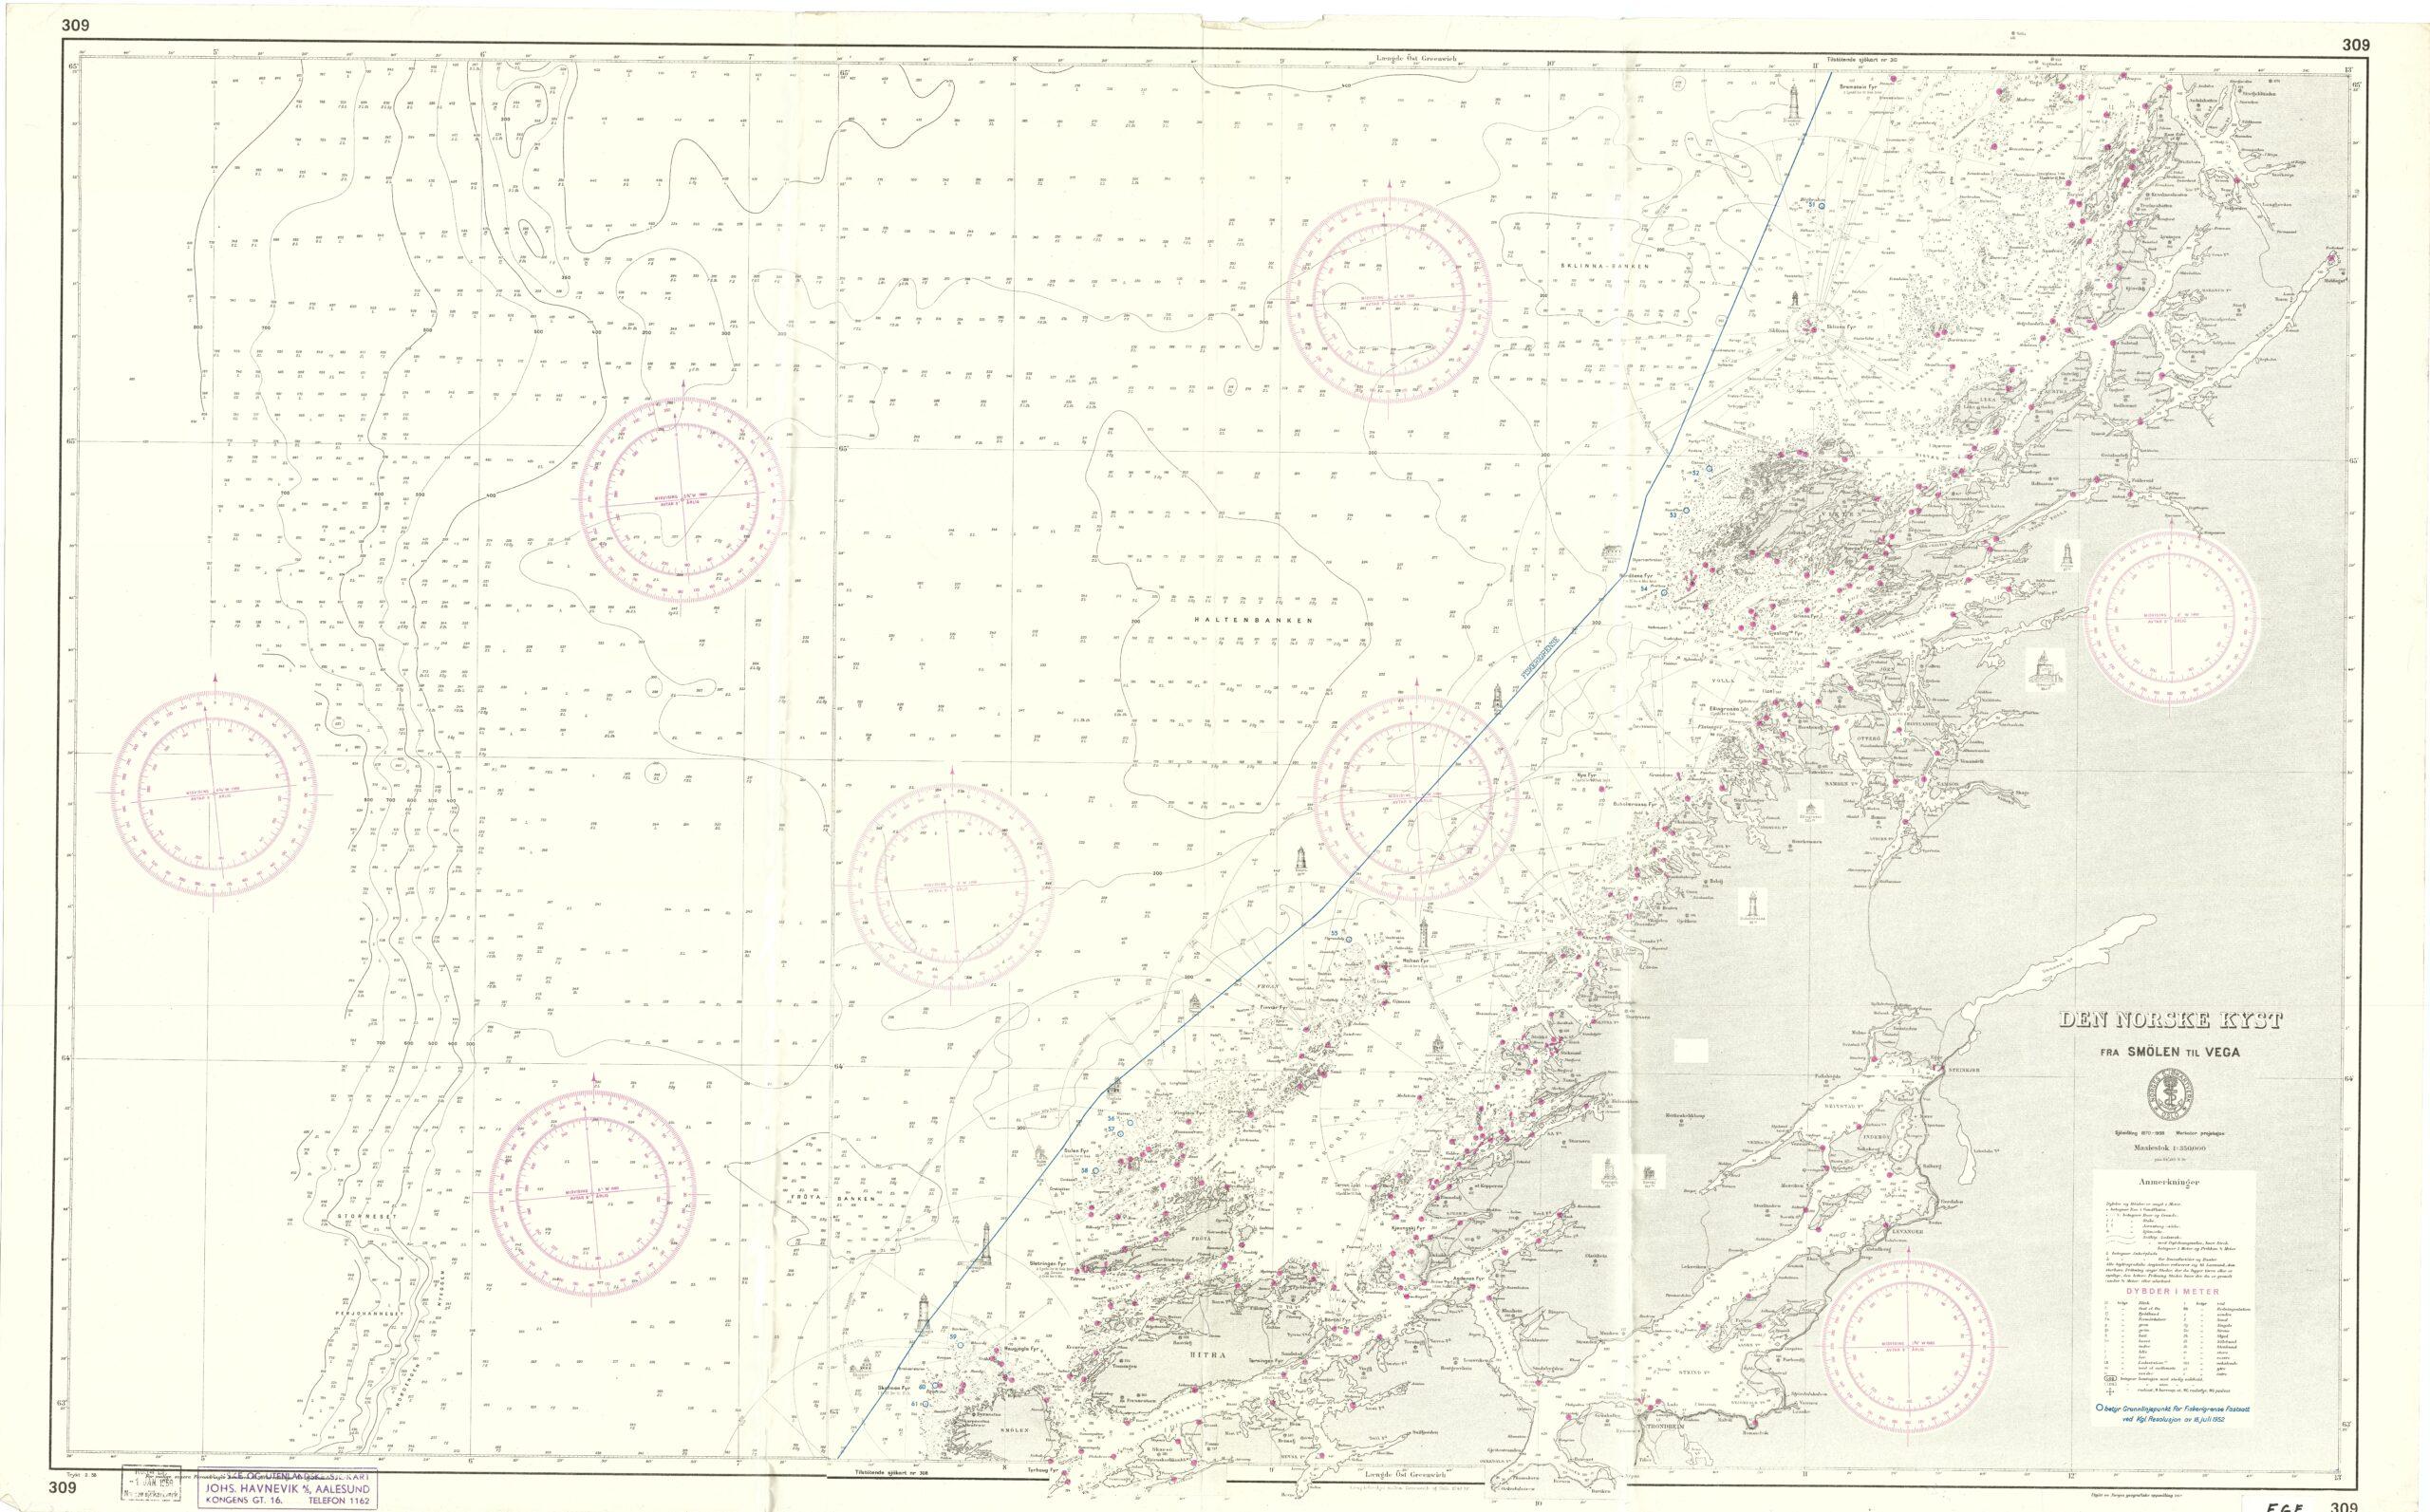 Den Norske kyst fra Smolen til Vega